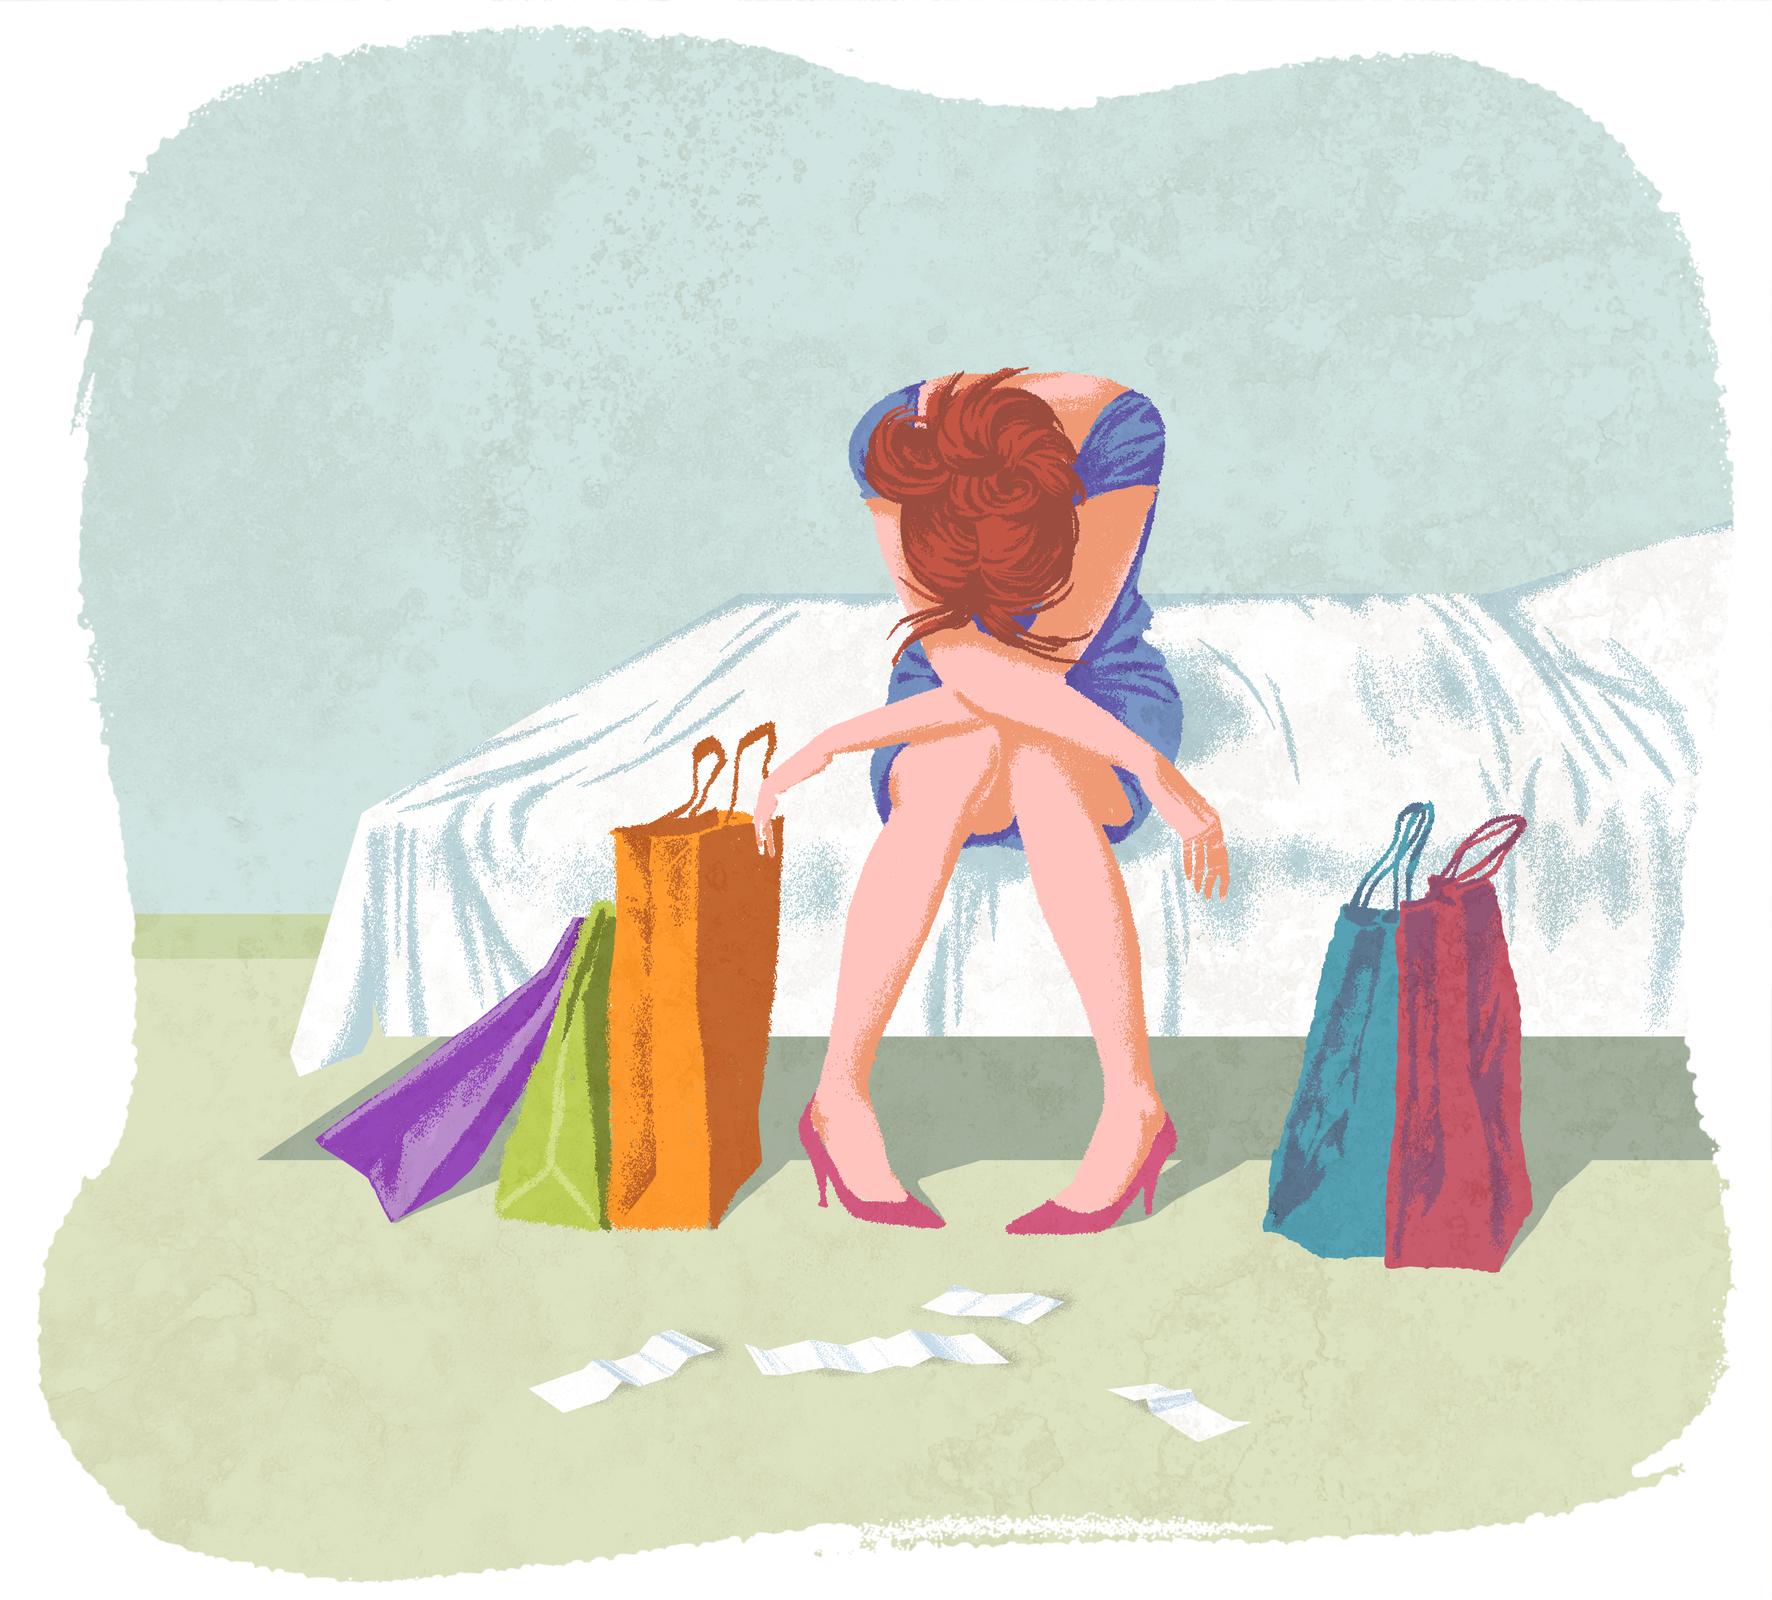 Na brzegu łóżka siedzi dziewczyna wniebieskiej sukience. Ramiona ma skrzyżowane na kolanach, głowę opuszczoną. Jej postawa wyraża rozpacz irezygnację. Po jej obu stronach na podłodze stoją kolorowe torby zzakupami.